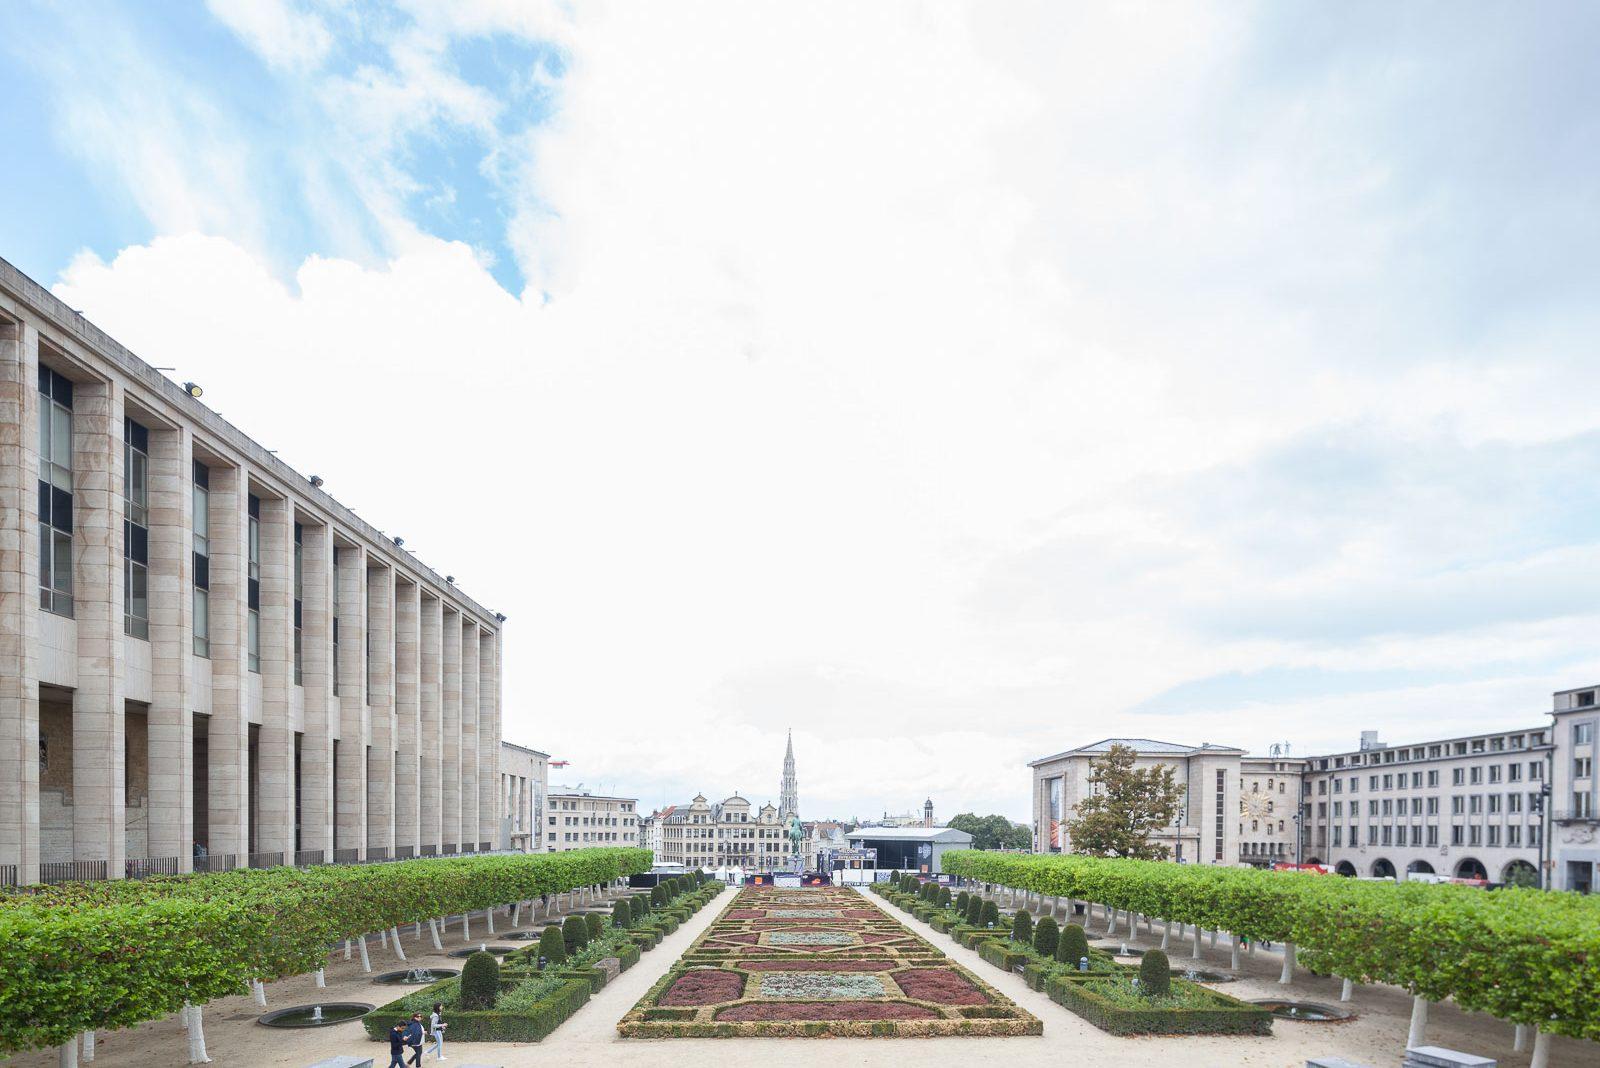 Bruxelas, a base para outros portos_Num Postal